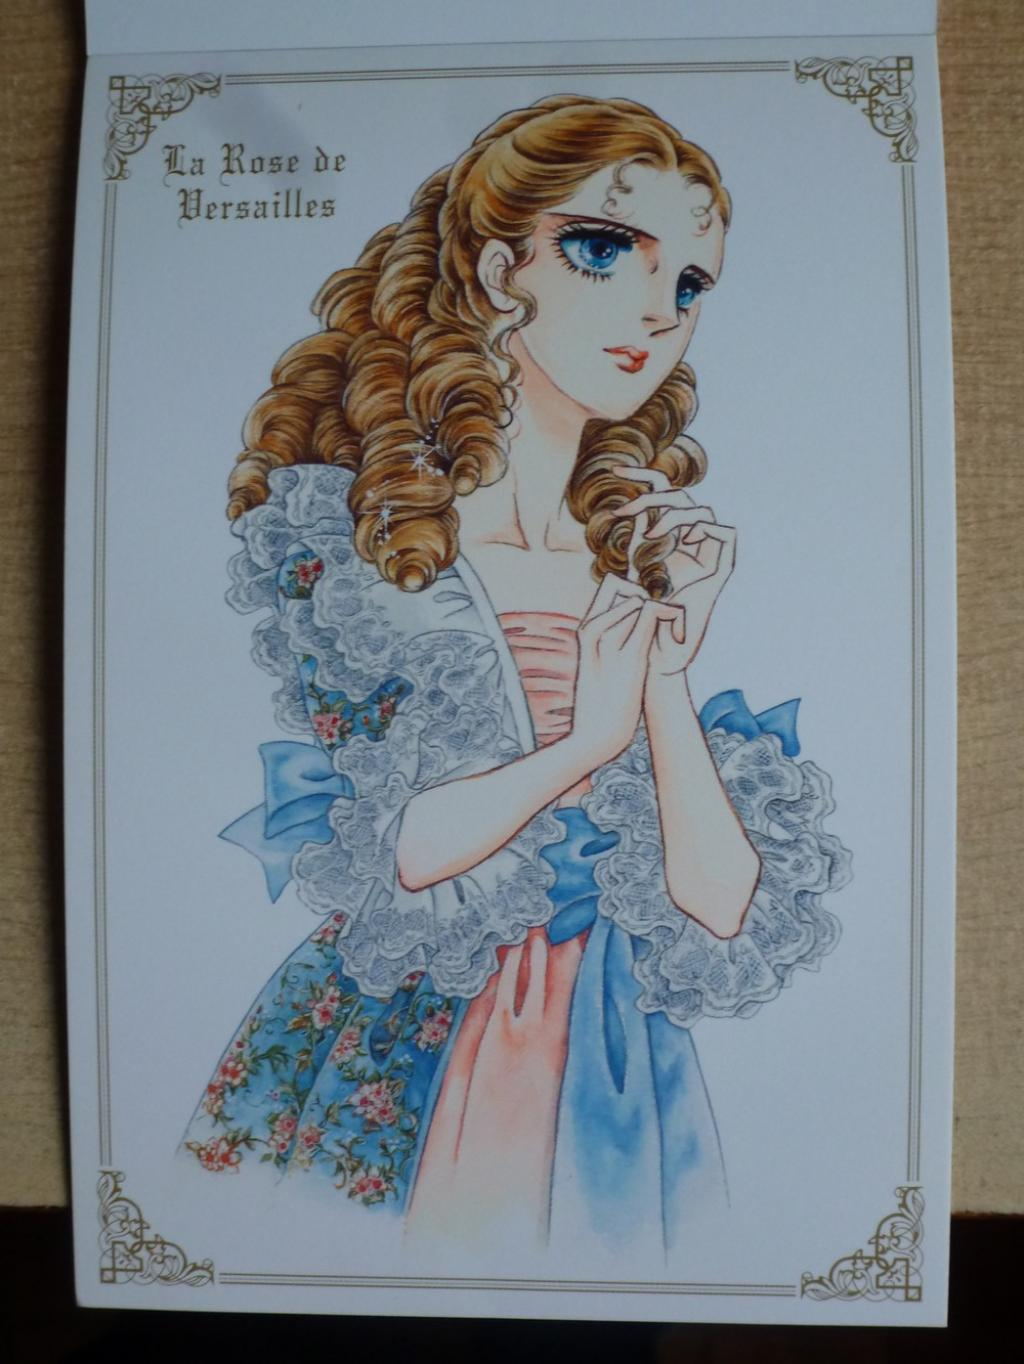 Des cartes postales La Rose de Versailles!  P1070236-56cfaf5